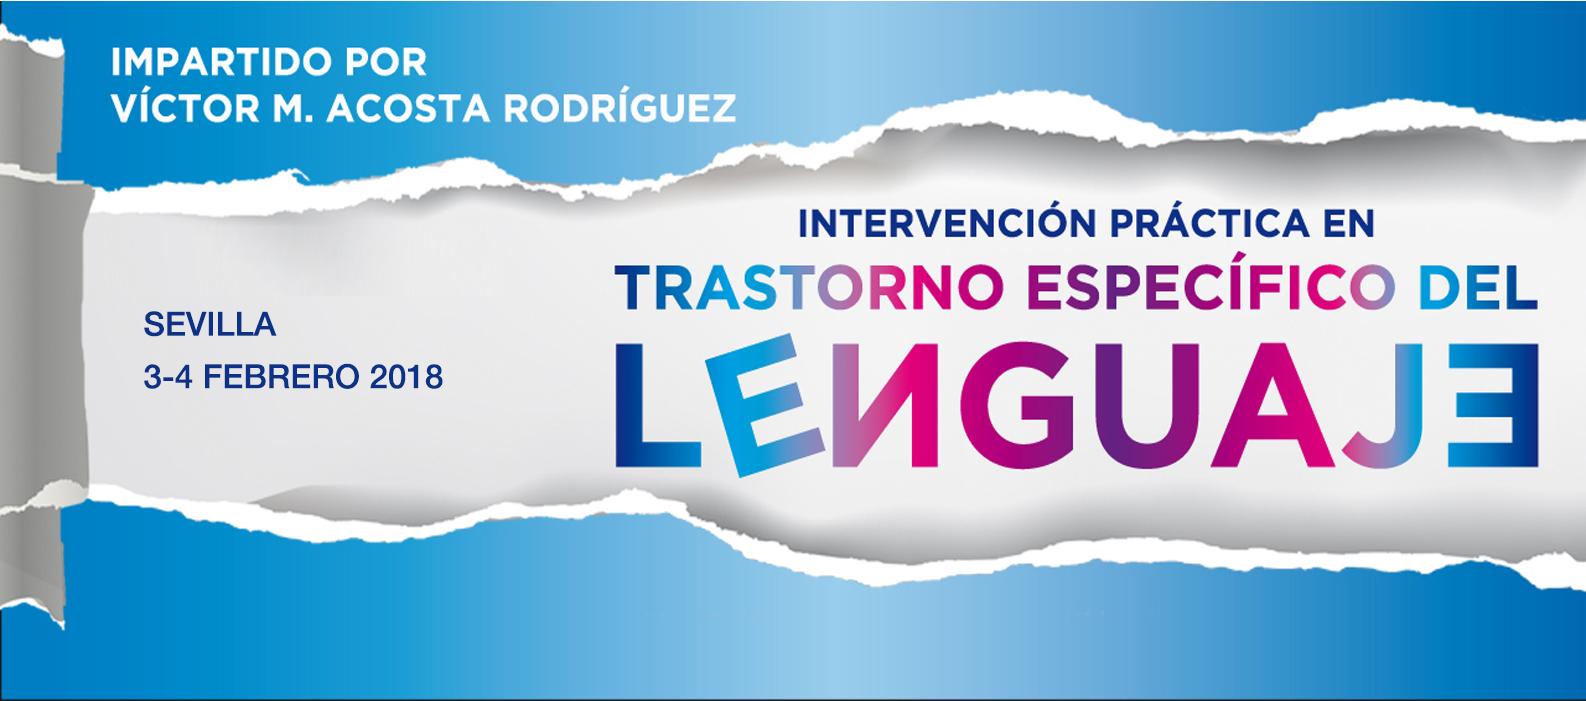 Intervención Práctica en Trastorno Específico del Lenguaje (TEL)-Sevilla